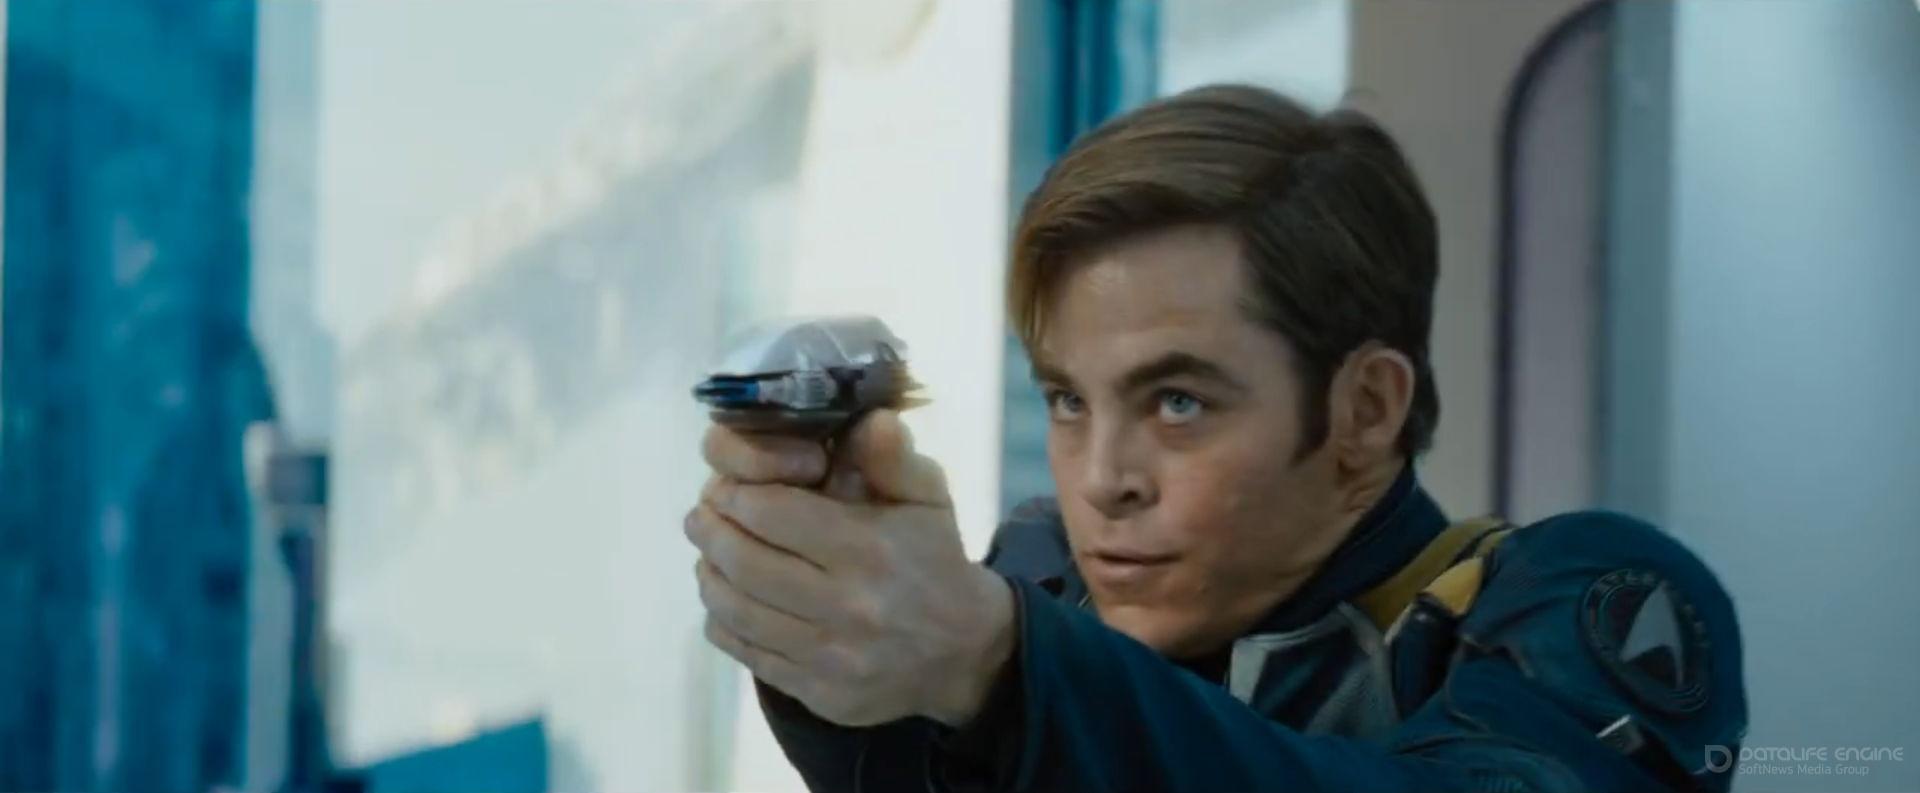 Стартрек: Бесконечность (2016) смотреть онлайн или скачать ...